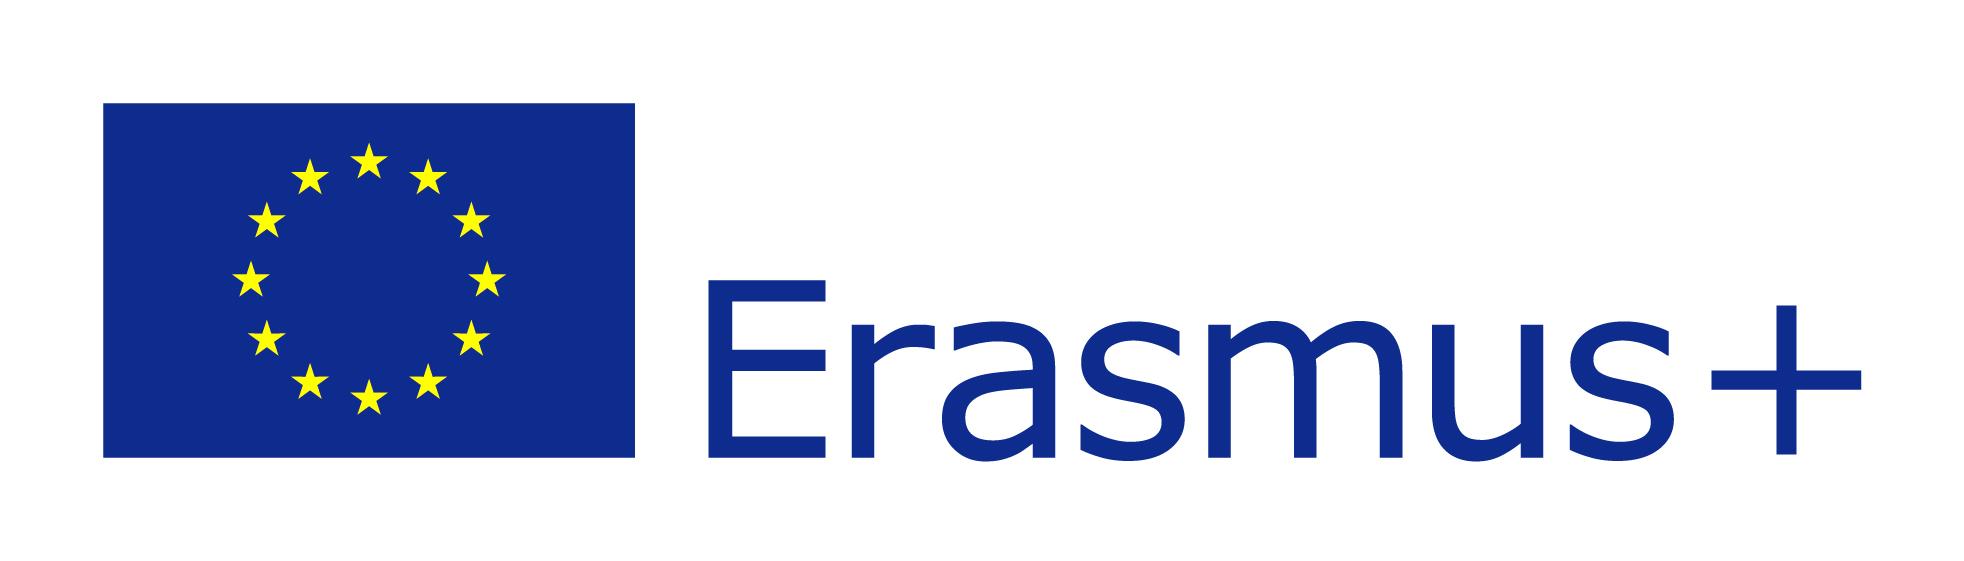 Erasmus+: pracovný program 2018